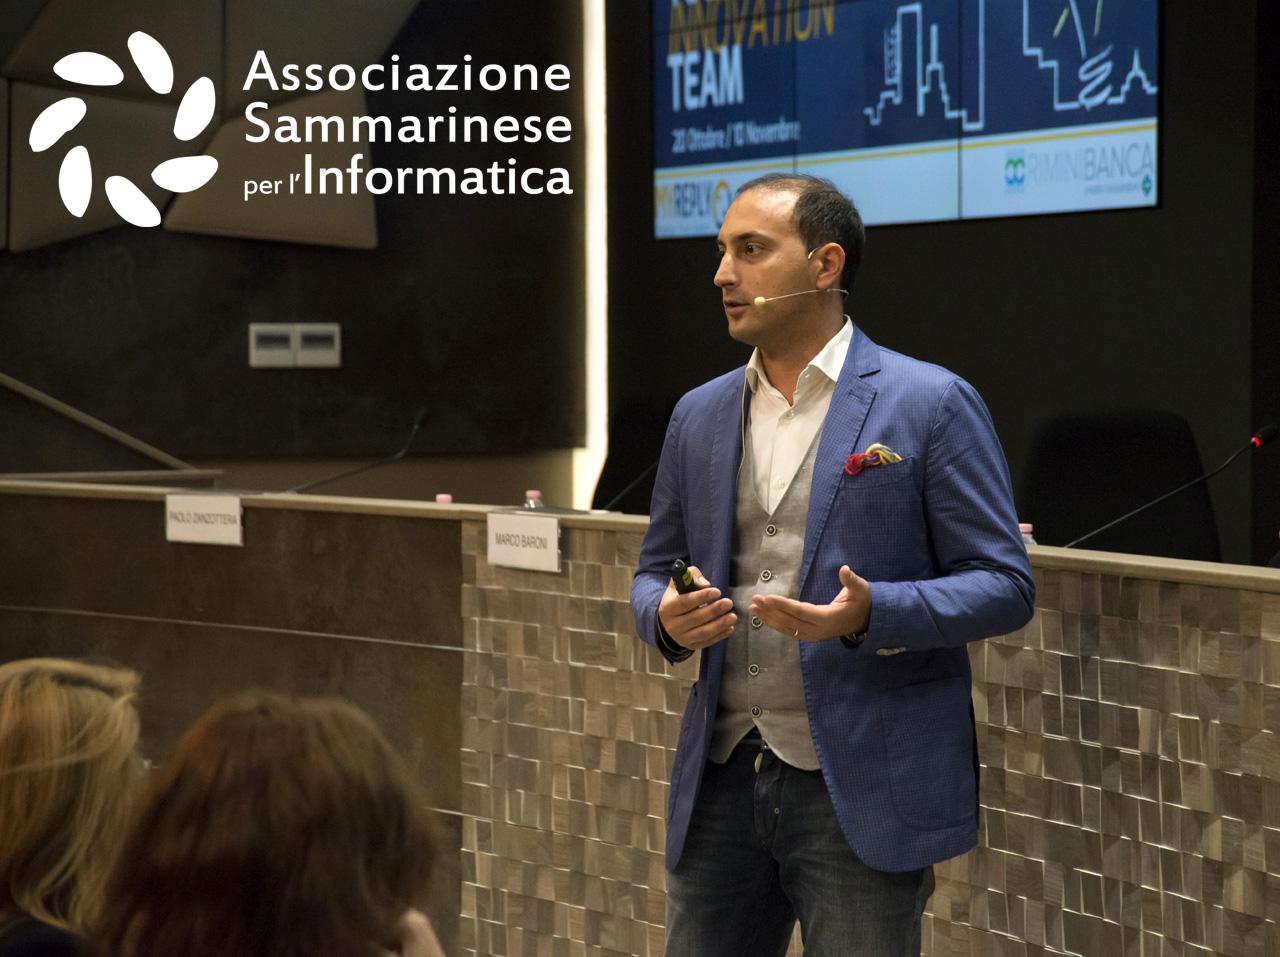 OSSESSIONI: Marco Baroni, il tuo futuro nel web